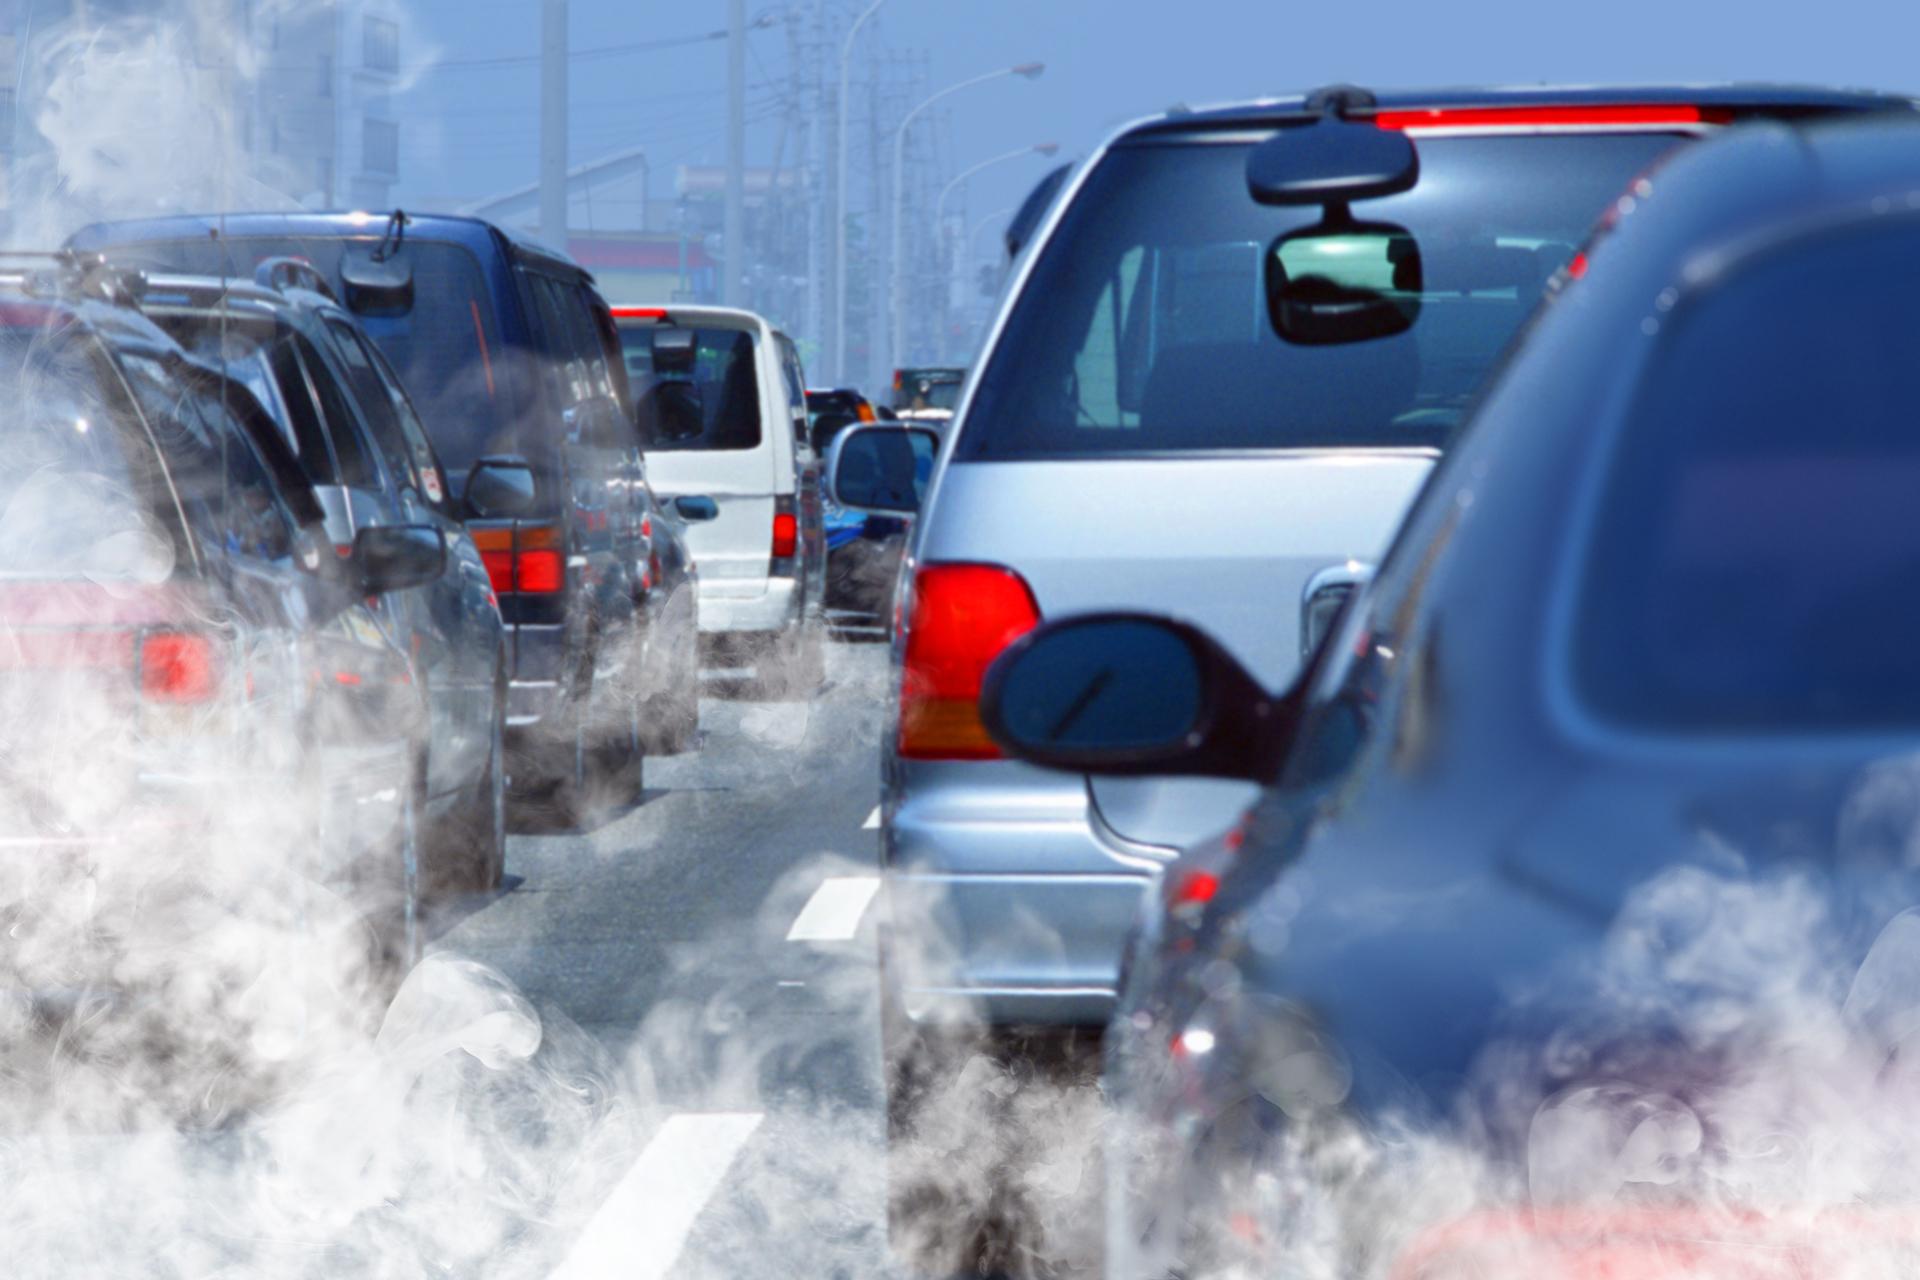 Автопроизводителям грозят миллиардные штрафы из-за несоответствия новым нормам WLTP